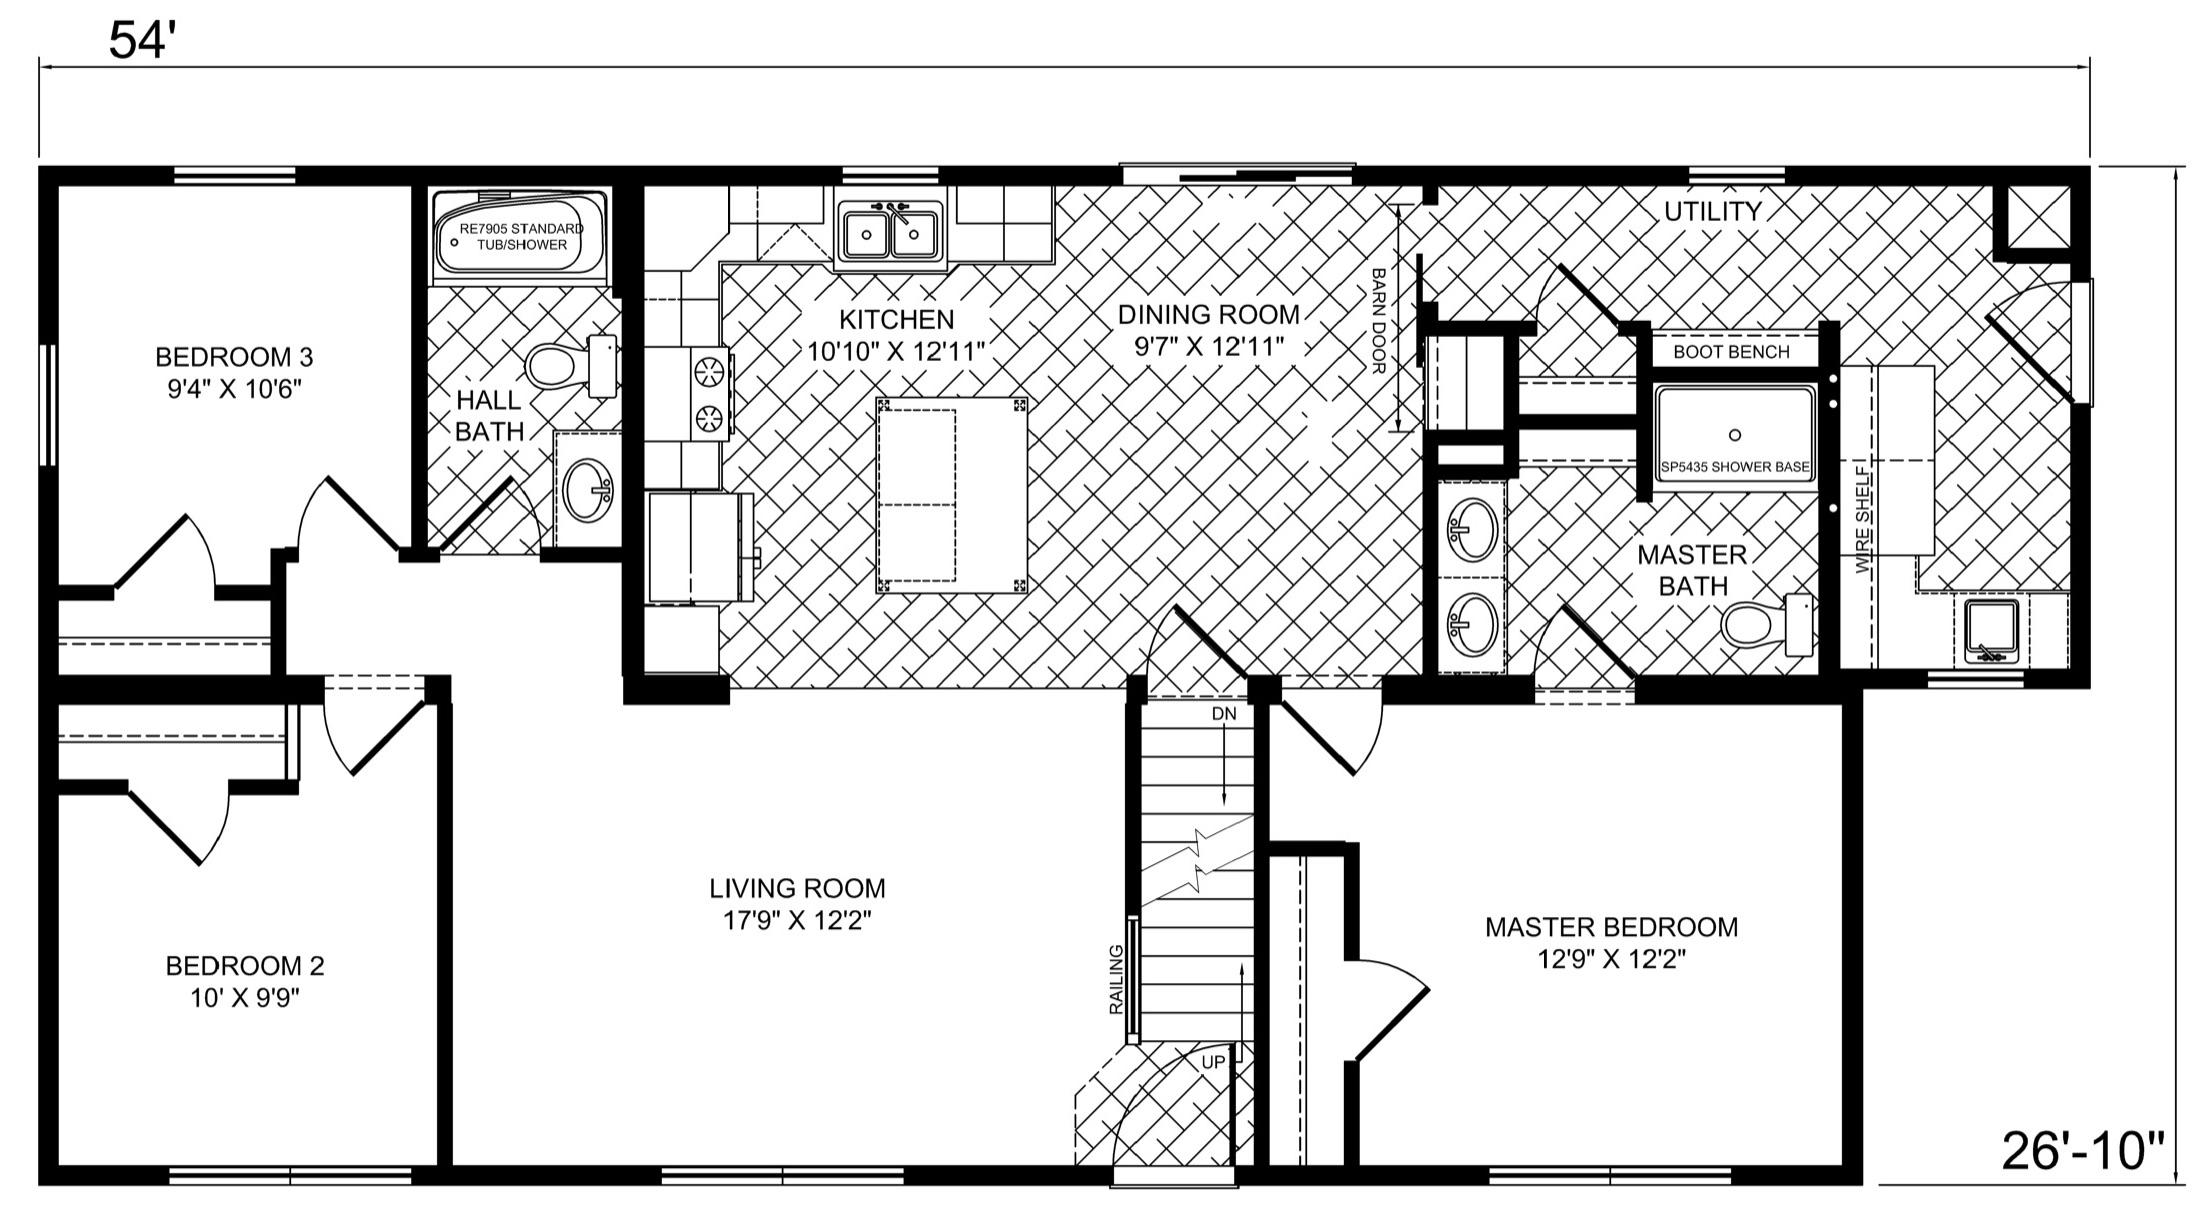 new-image-ni127-floor-plan.jpg